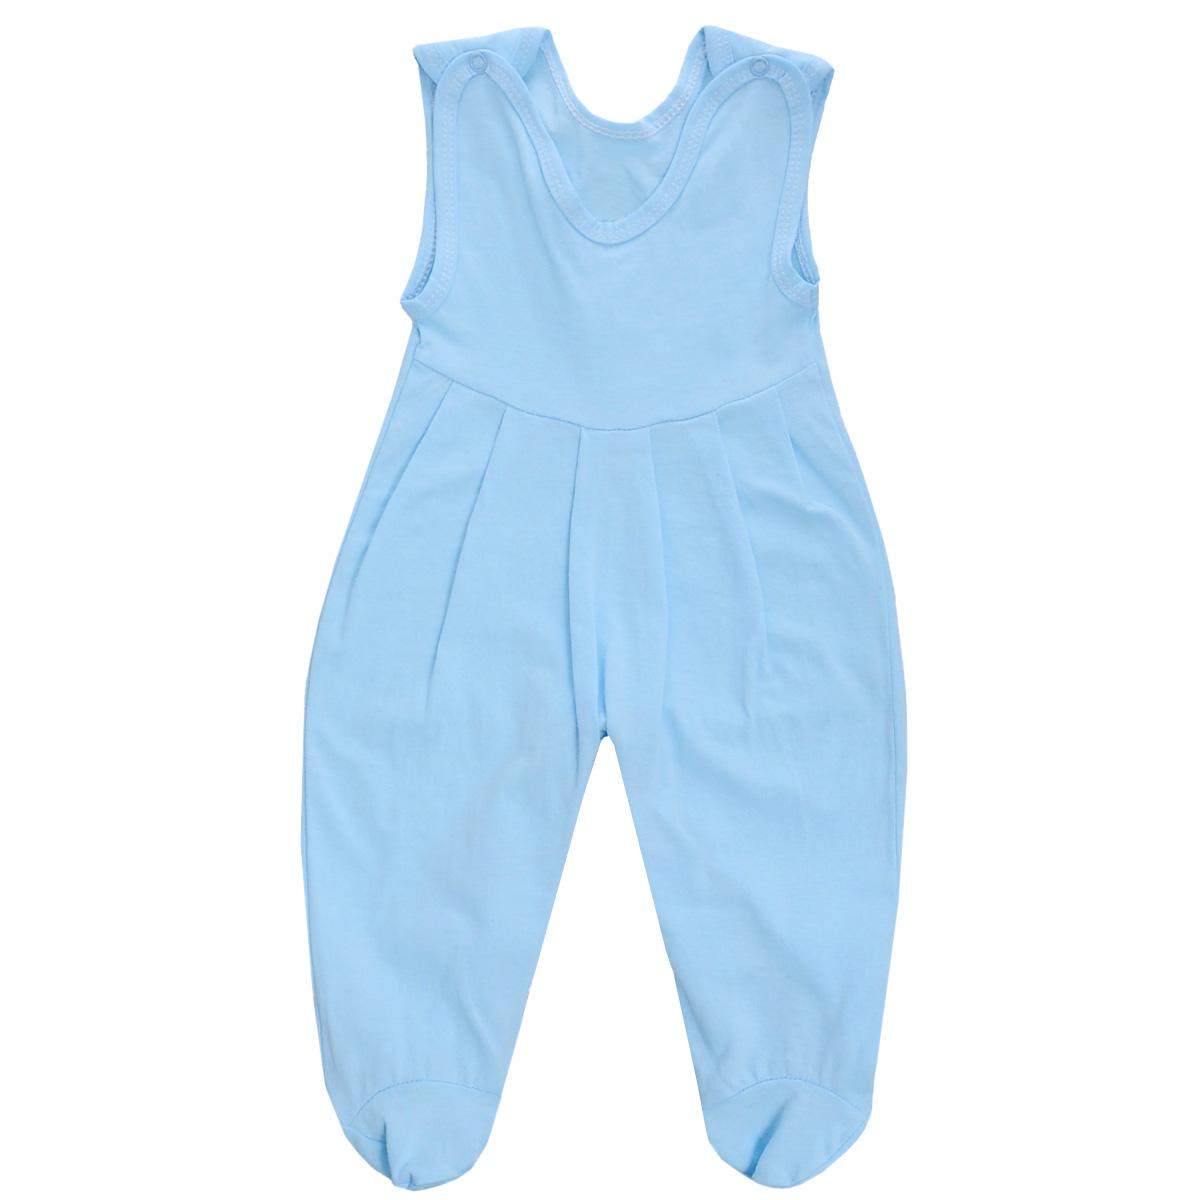 5237Ползунки с грудкой Трон-плюс - очень удобный и практичный вид одежды для малышей. Они отлично сочетаются с футболками и кофточками. Ползунки выполнены из кулирного полотна - натурального хлопка, благодаря чему они необычайно мягкие и приятные на ощупь, не раздражают нежную кожу ребенка и хорошо вентилируются, а эластичные швы приятны телу младенца и не препятствуют его движениям. Ползунки с закрытыми ножками, застегивающиеся сверху на кнопки, идеально подойдут вашему ребенку, обеспечивая ему наибольший комфорт, подходят для ношения с подгузником и без него. Кнопки на ластовице помогают легко и без труда поменять подгузник в течение дня. От линии груди заложены складочки, придающие изделию оригинальность. Ползунки с грудкой полностью соответствуют особенностям жизни младенца в ранний период, не стесняя и не ограничивая его в движениях!